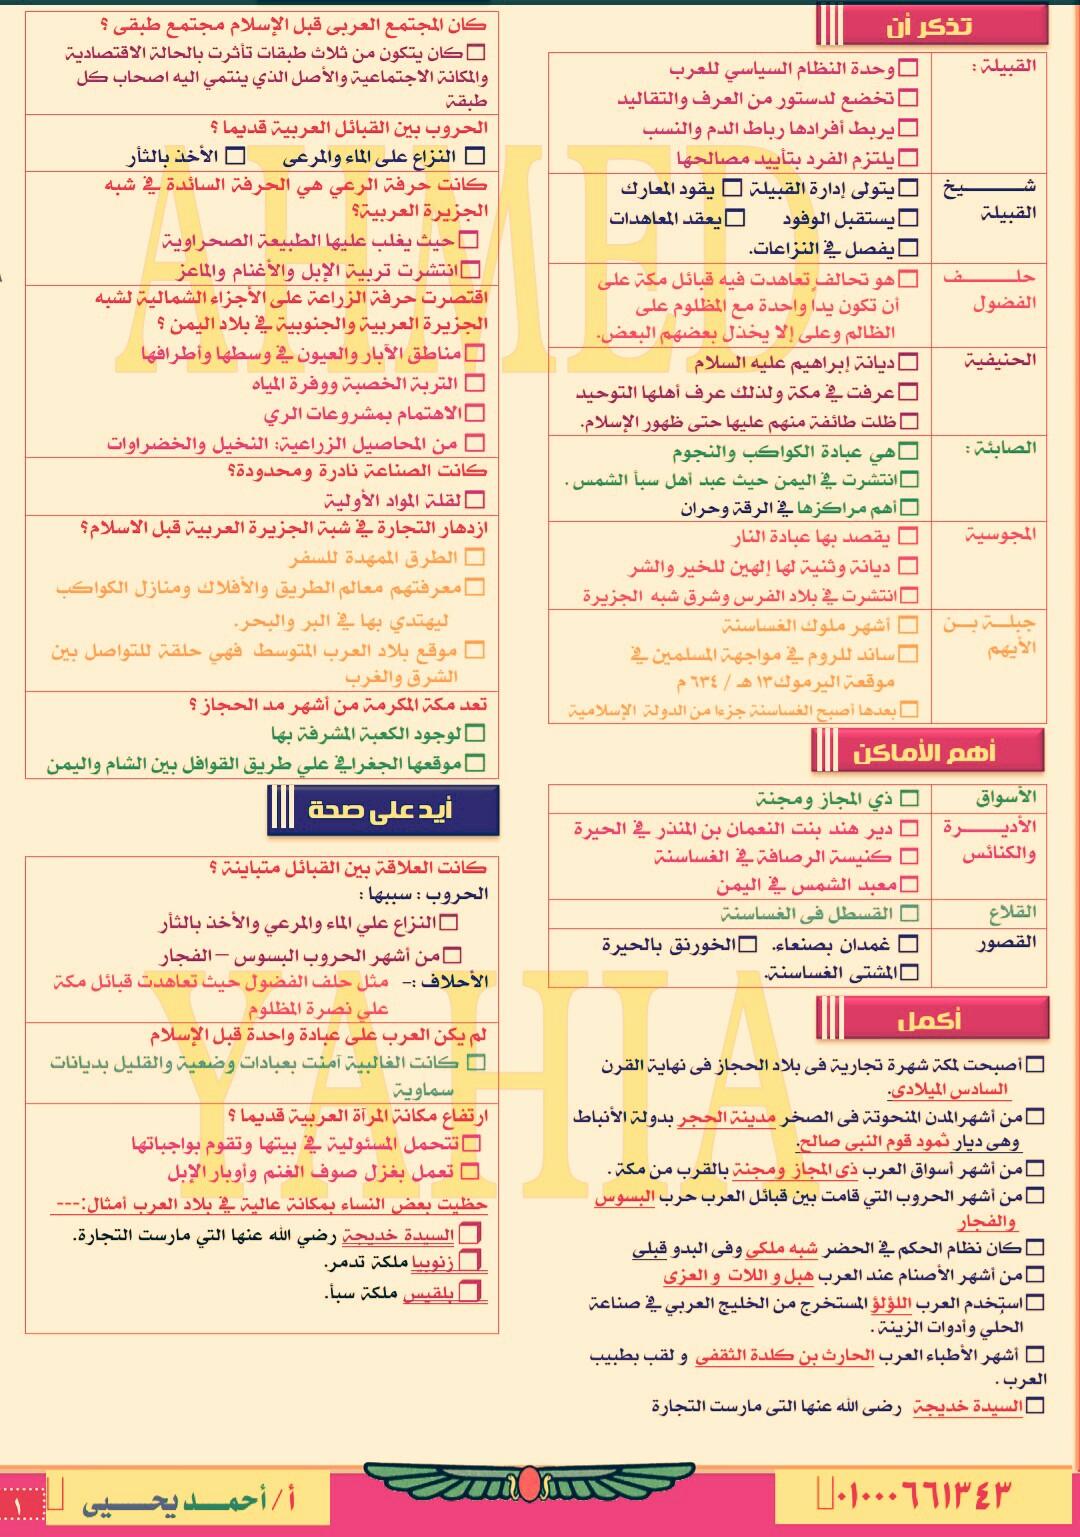 حمل ملخص التاريخ للصف الثاني الثانوي الترم الاول فى 12ورقة للاستاذ احمد يحيى